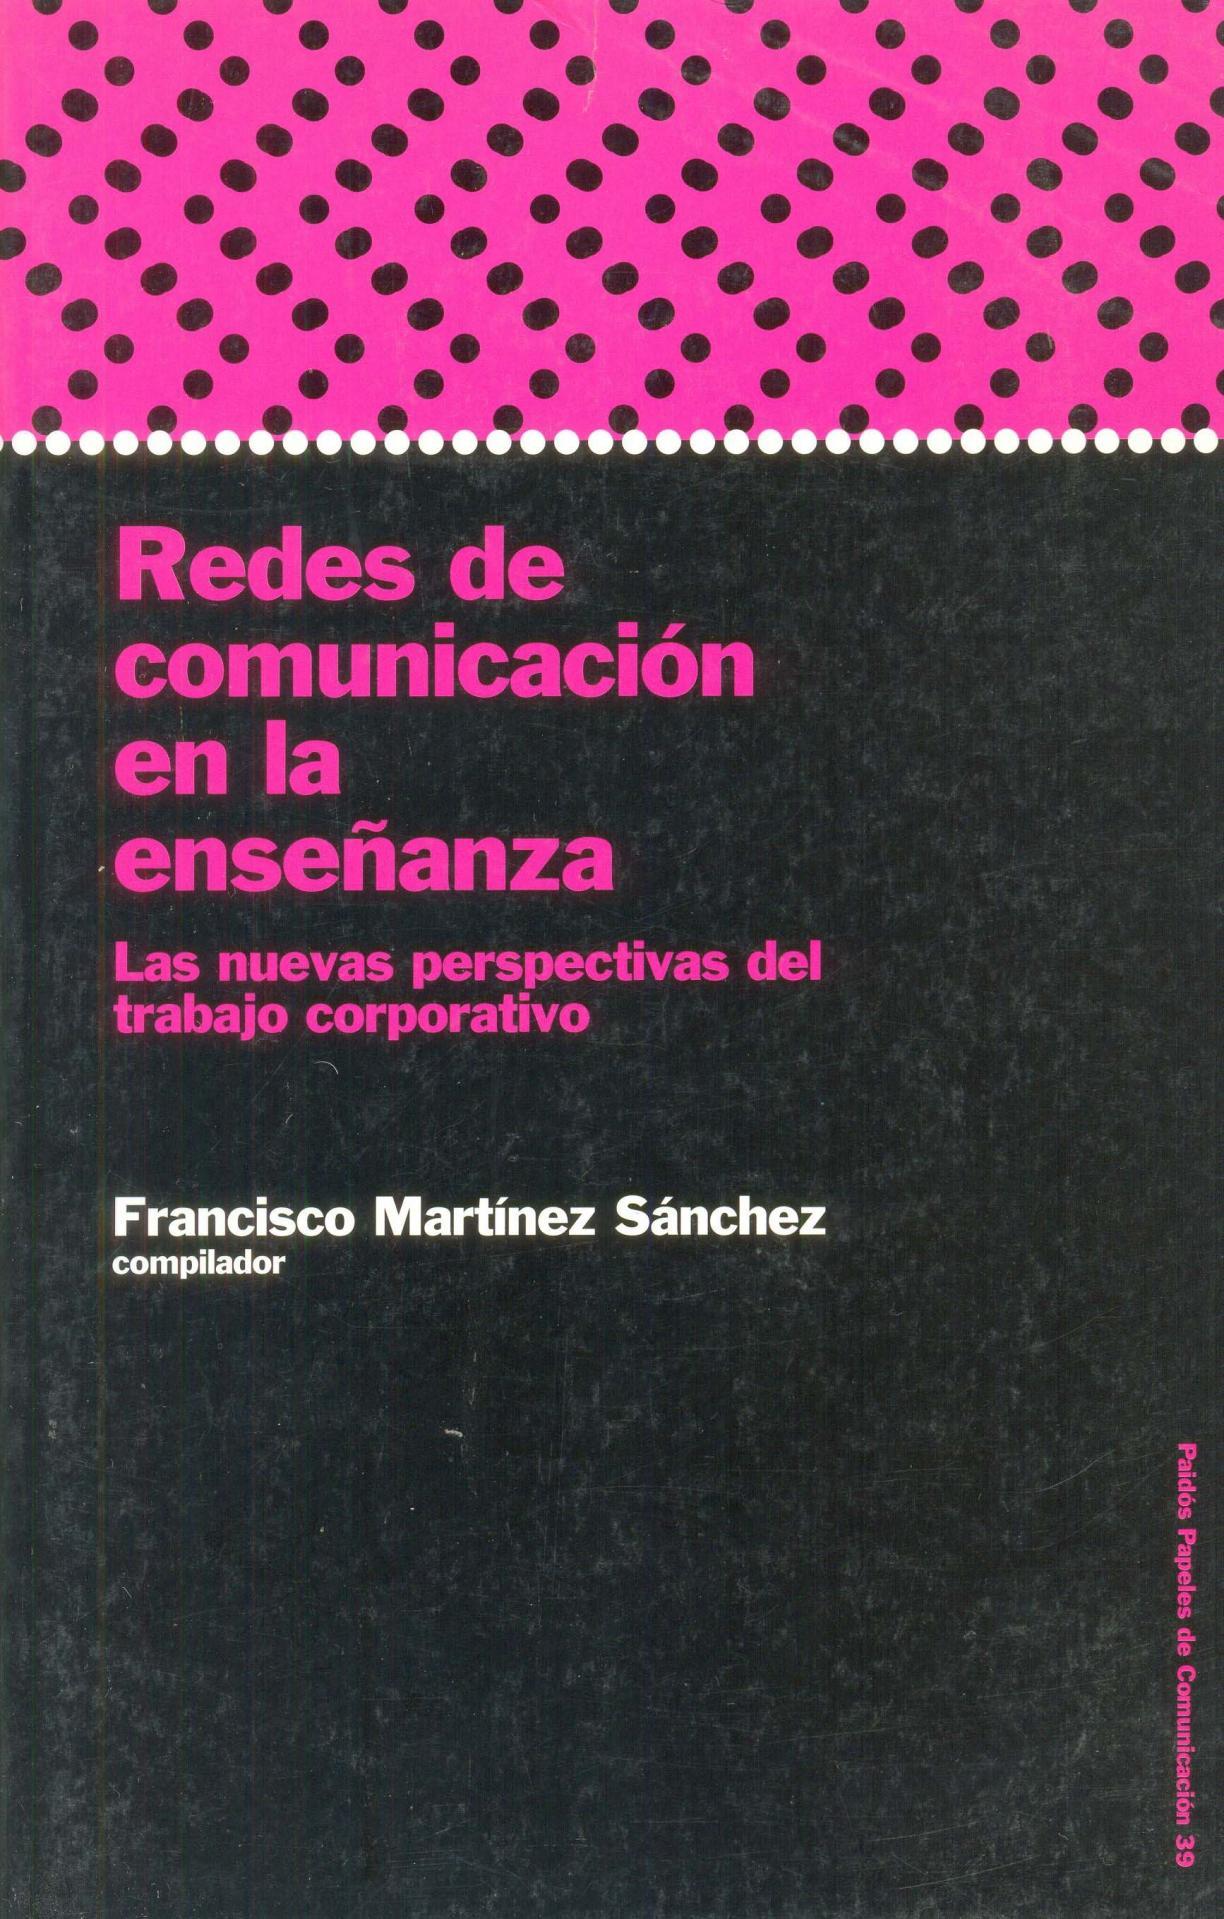 REDES DE COMUNICACIÓN EN LA ENSEÑANZA. Las nuevas perspectivas del trabajo corporativo. Martínez, F.